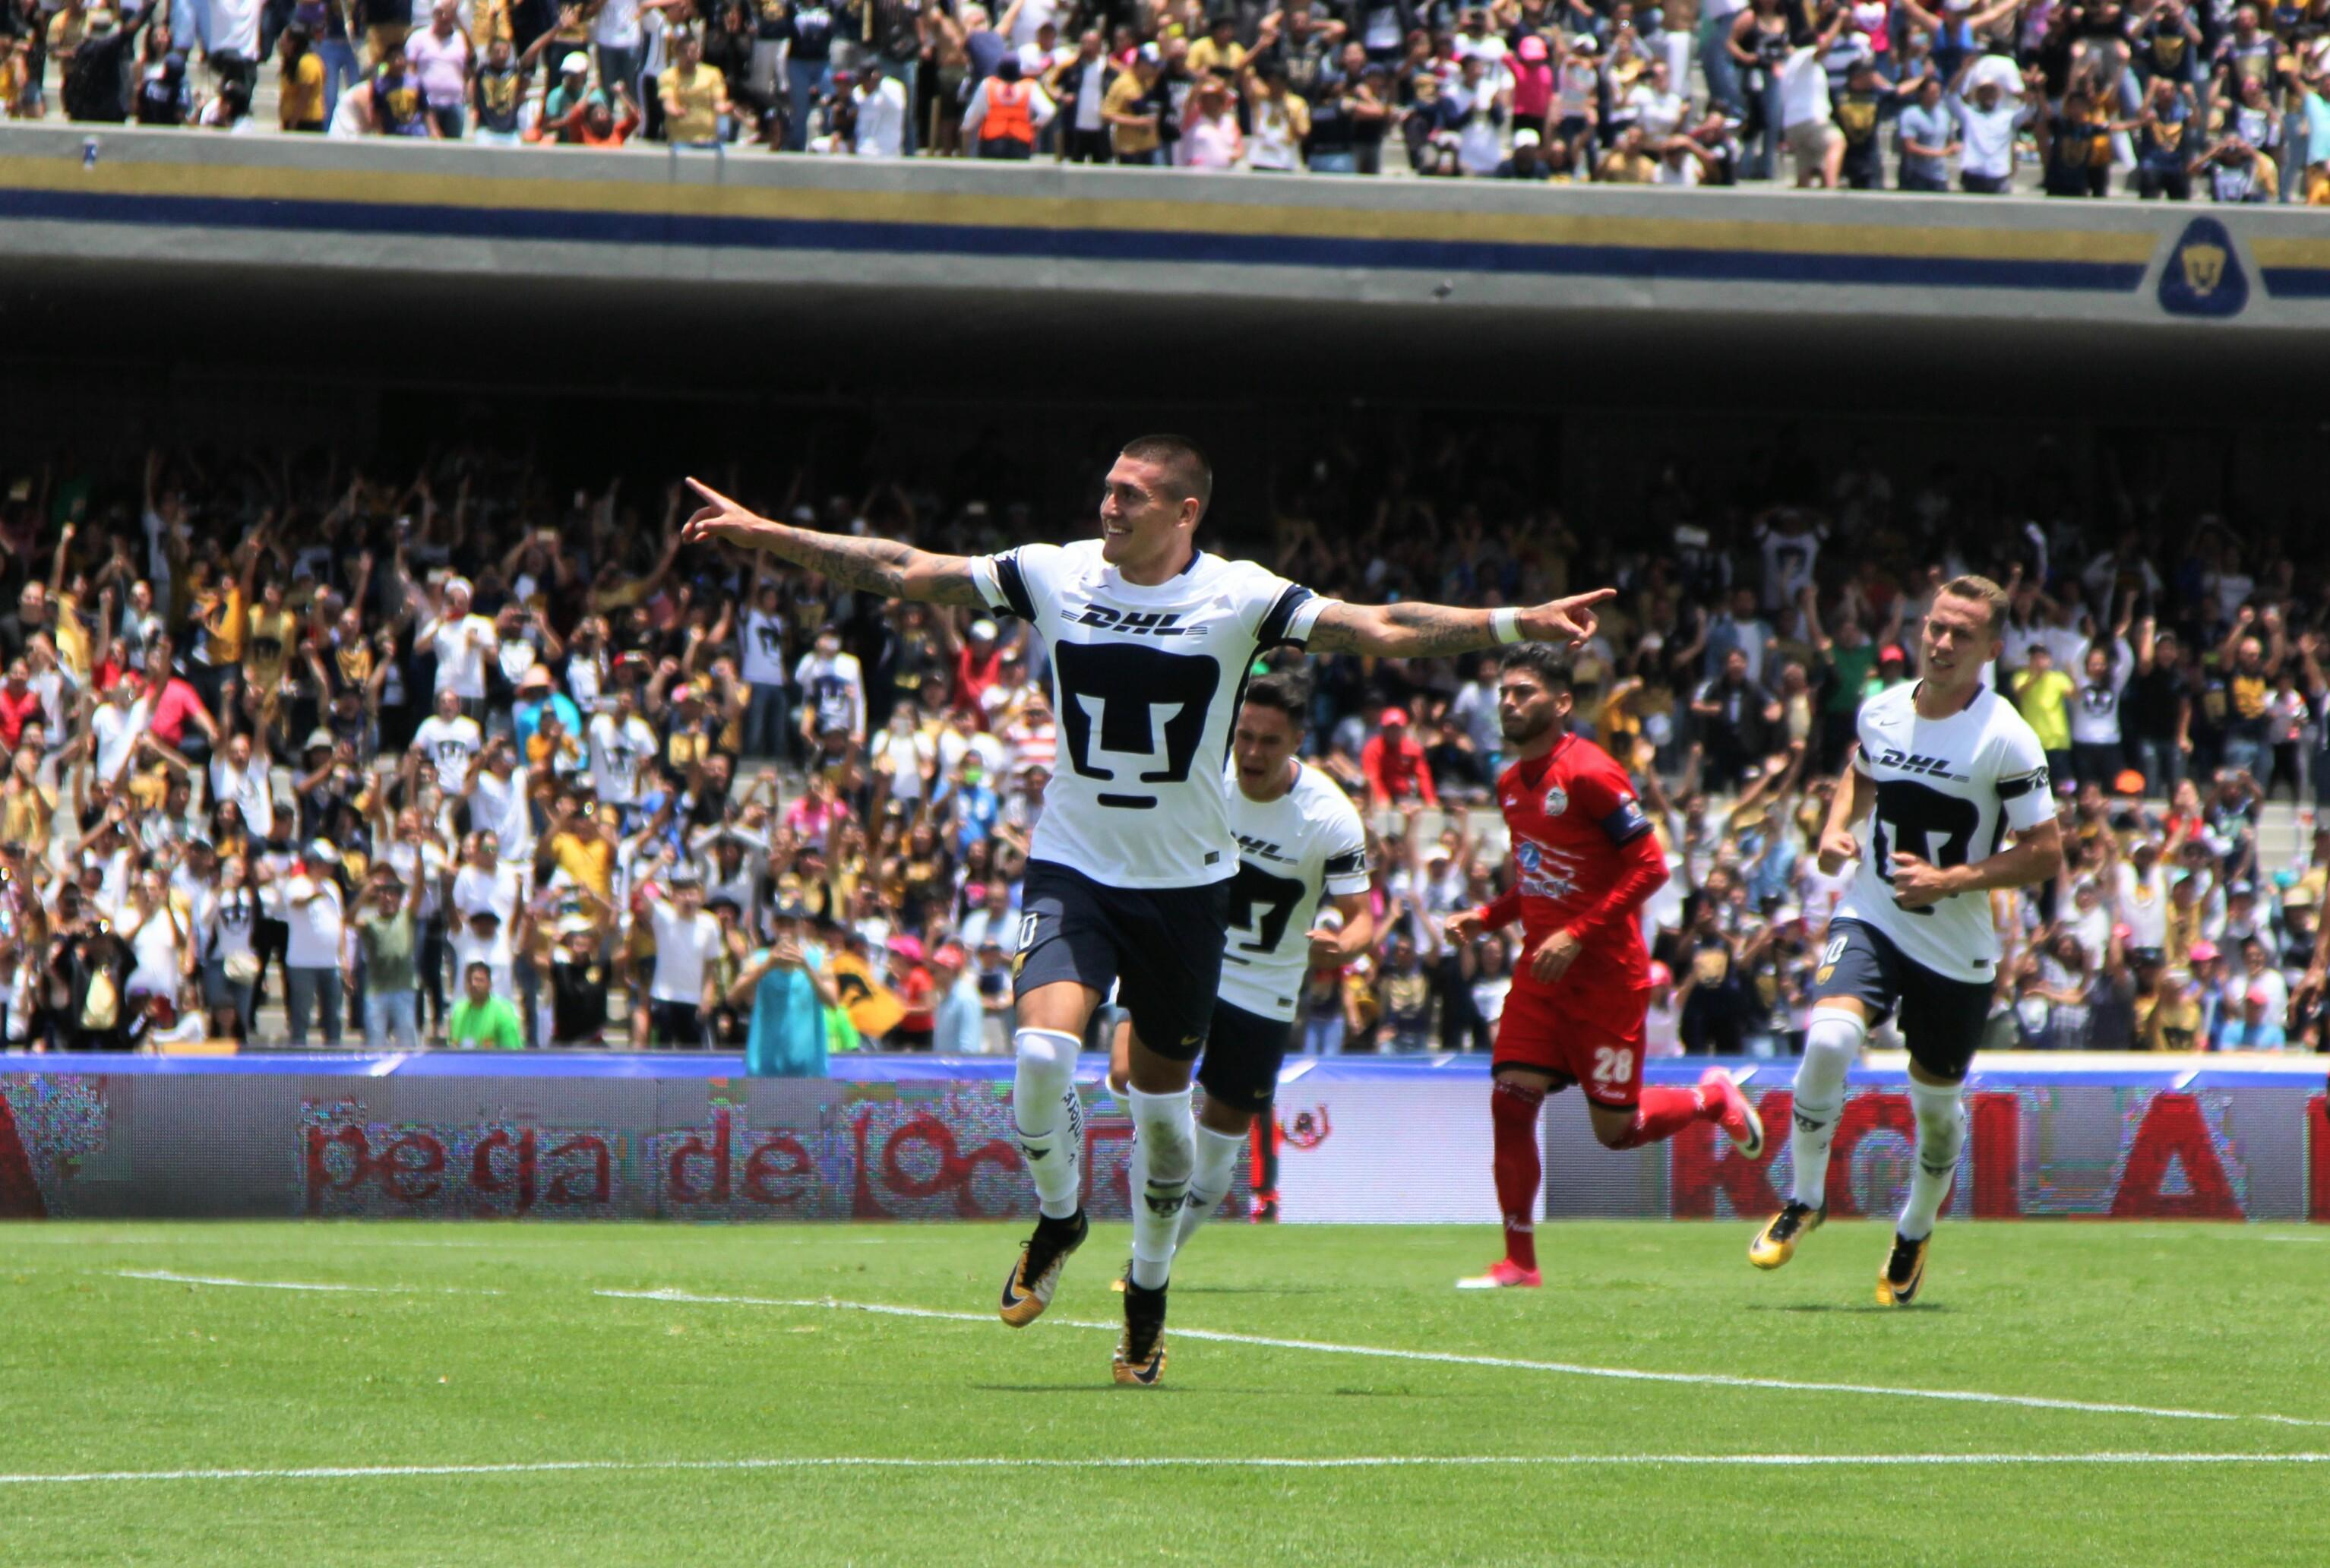 Los Pumas de la Universidad Nacional se impusieron dos a cero contra Lobos BUAP en el Olímpico Universitario. Niko Castillo fue el autor de ambos tantos. @Cuartoscuro.com